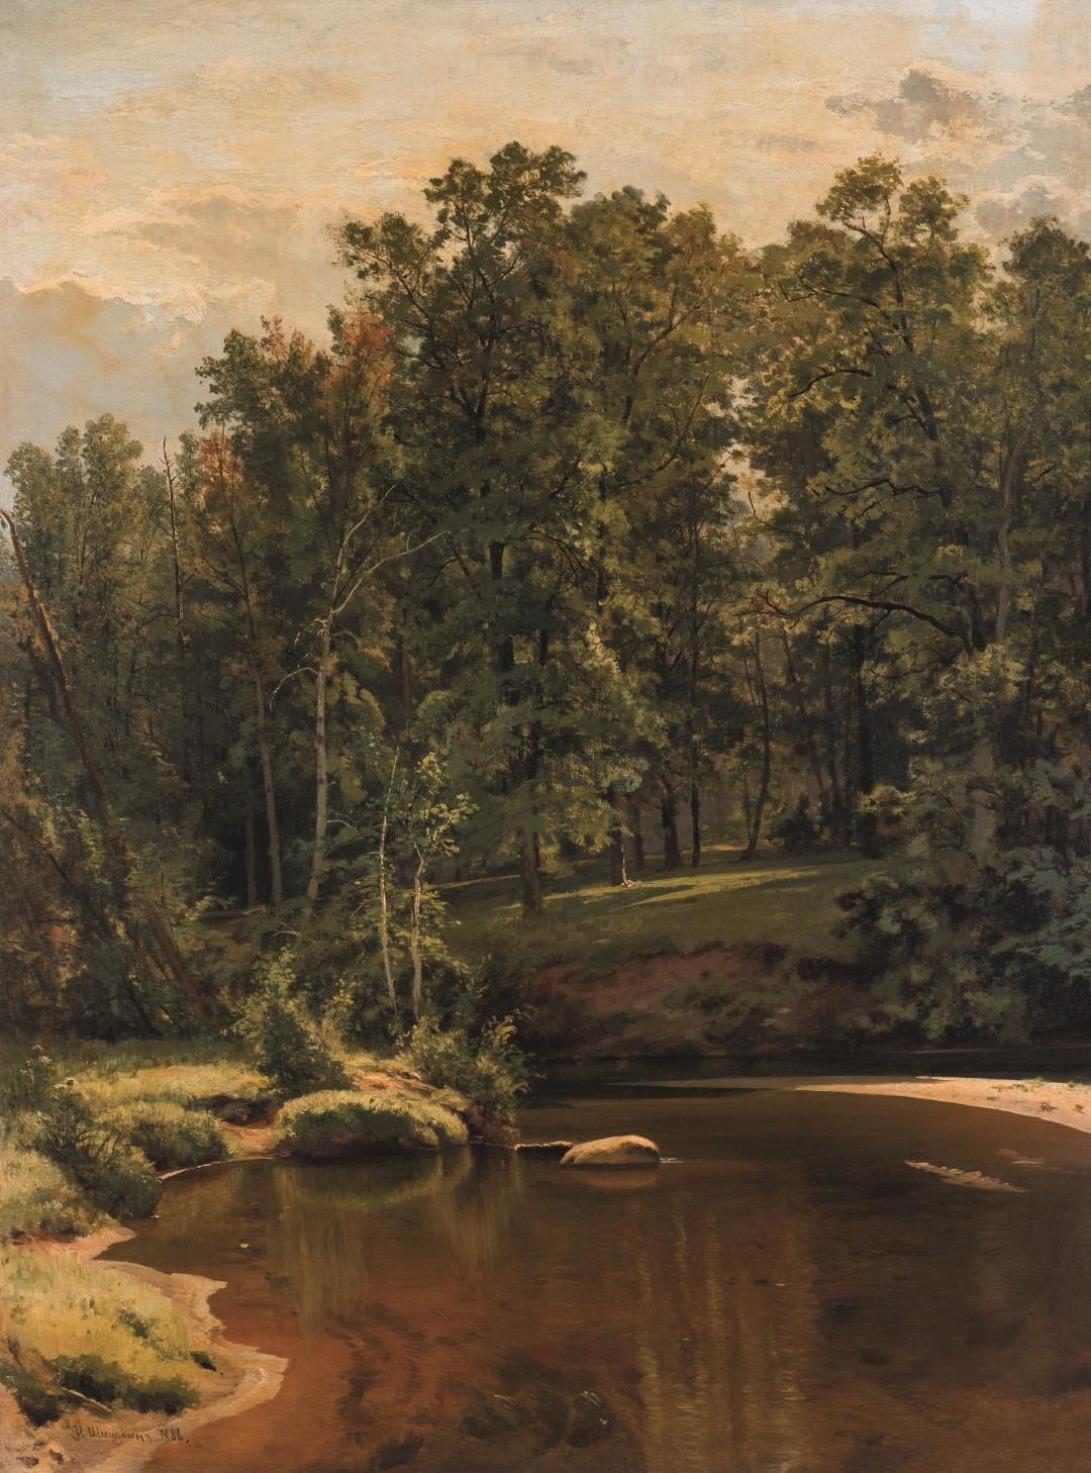 Ivan Ivanovič Šiškin / Les s potokem, 1886